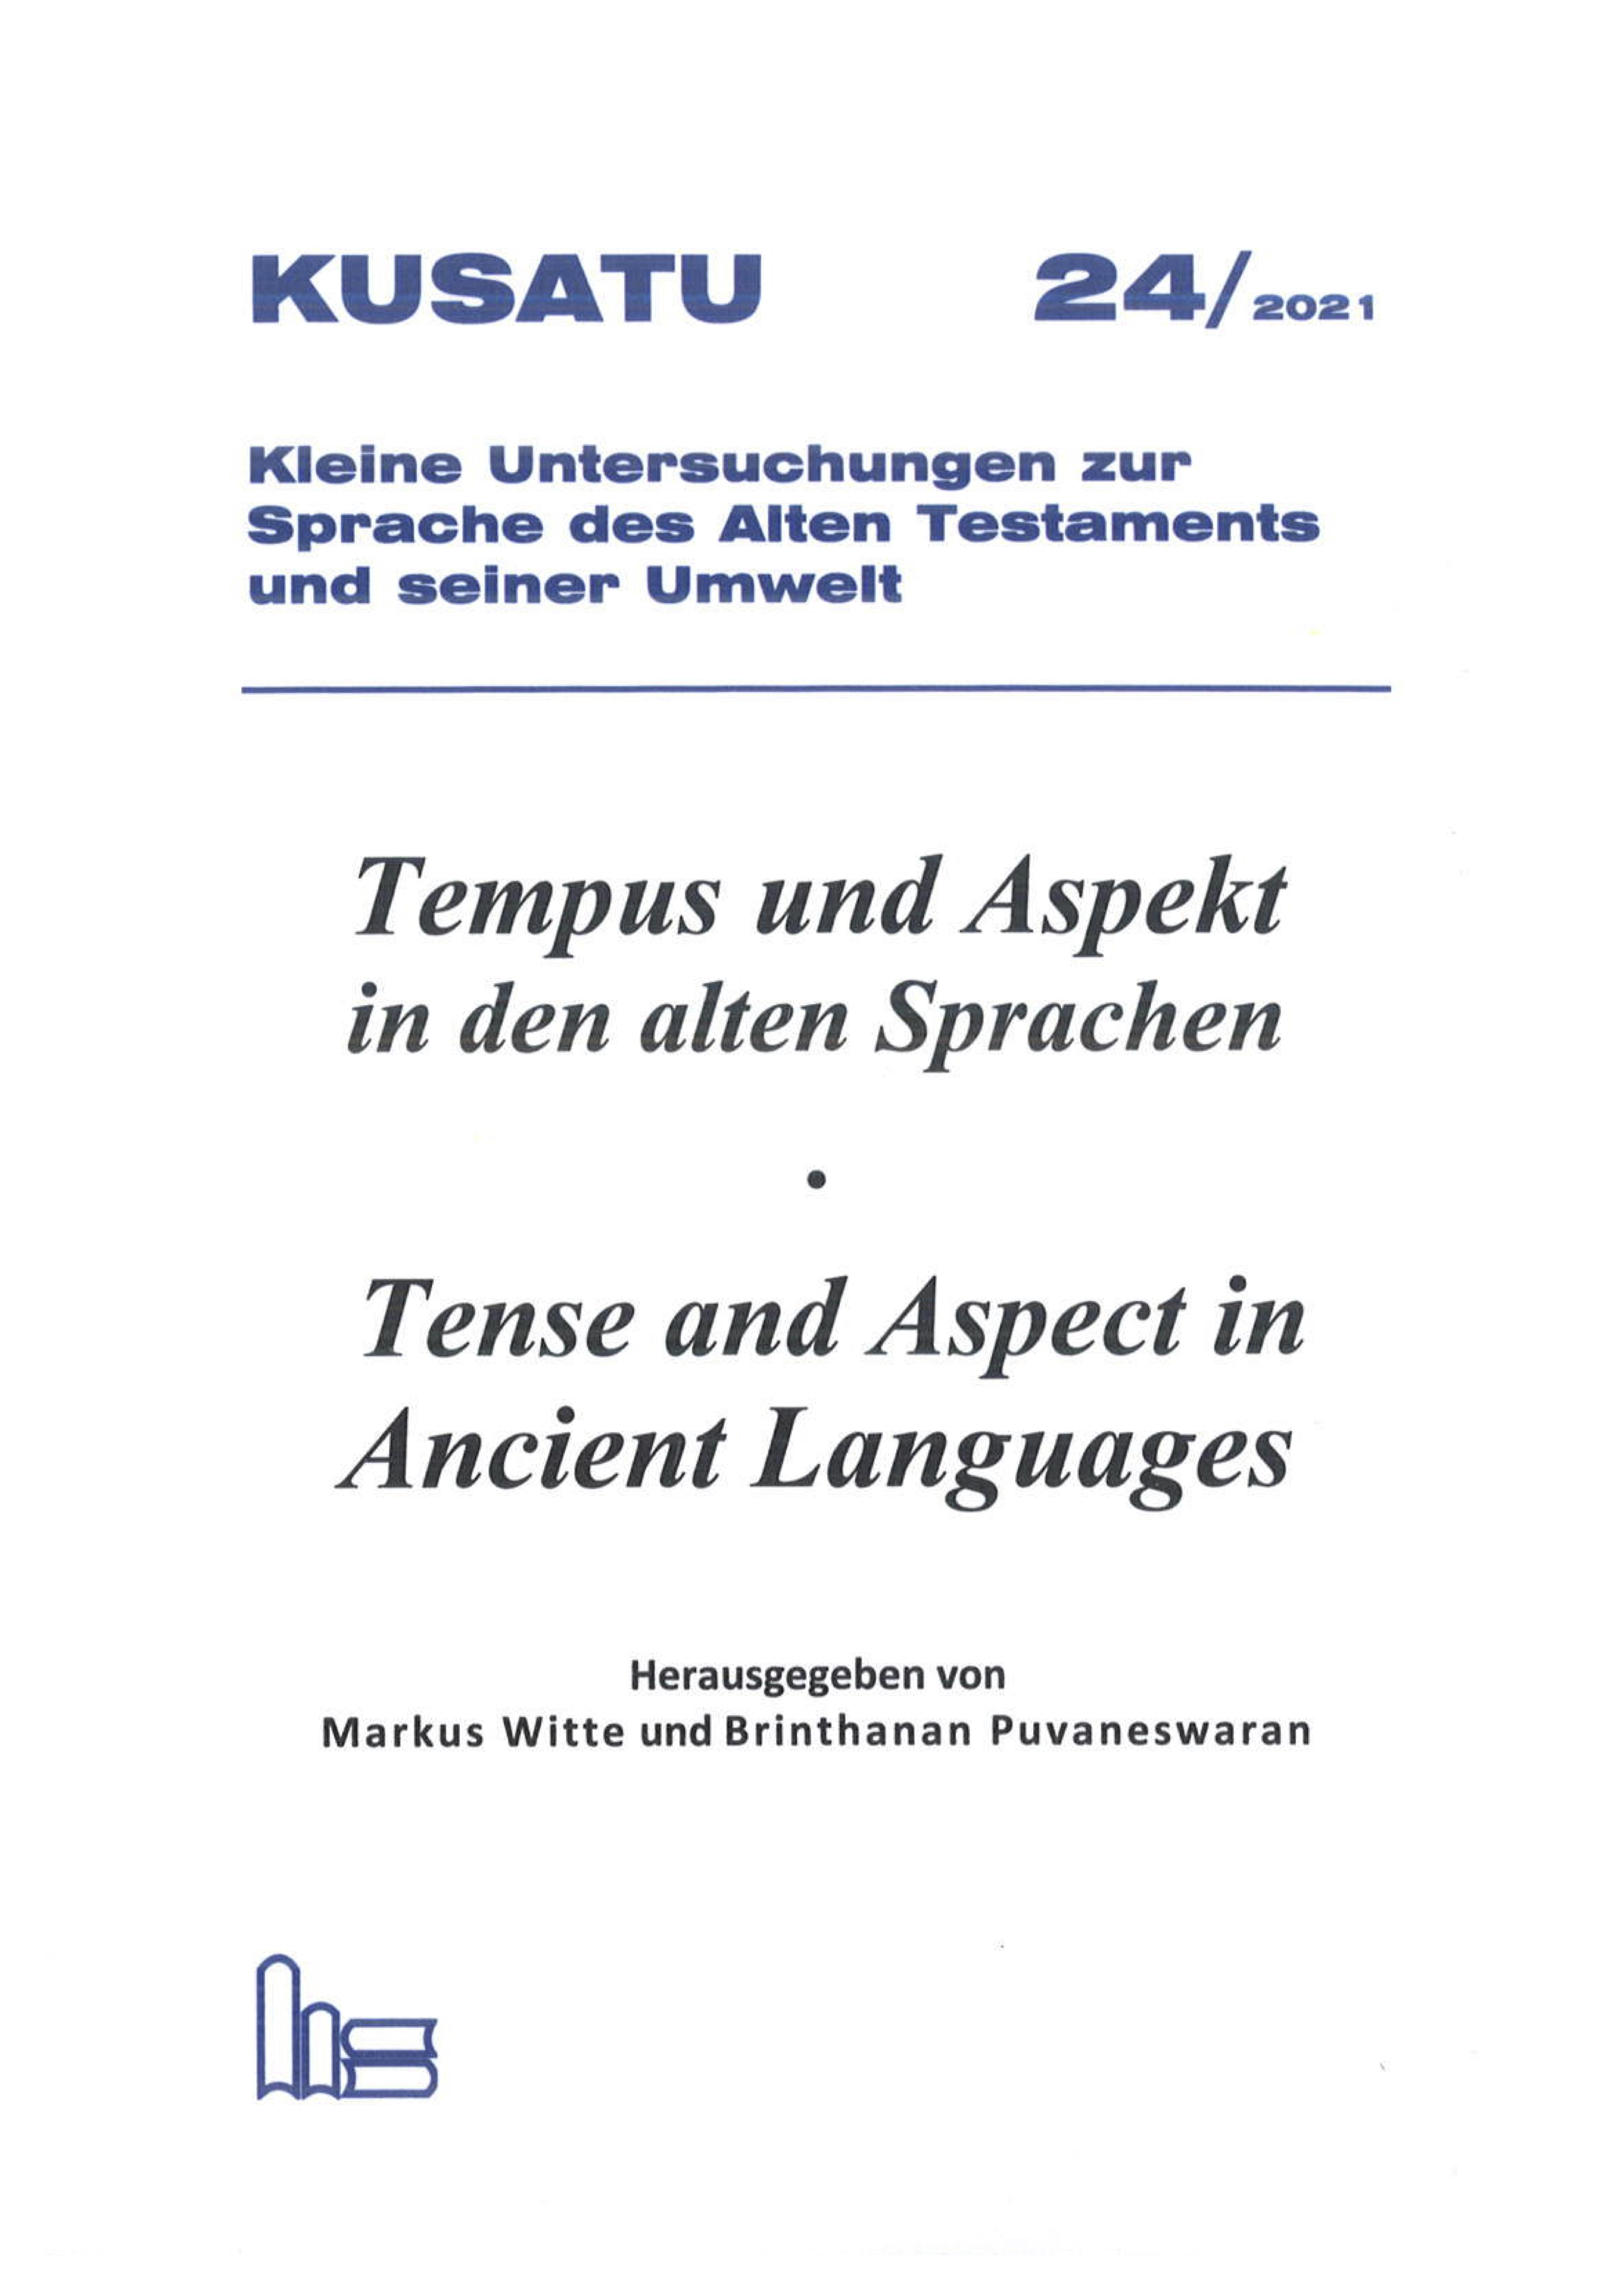 Tempus und Aspekt.jpg